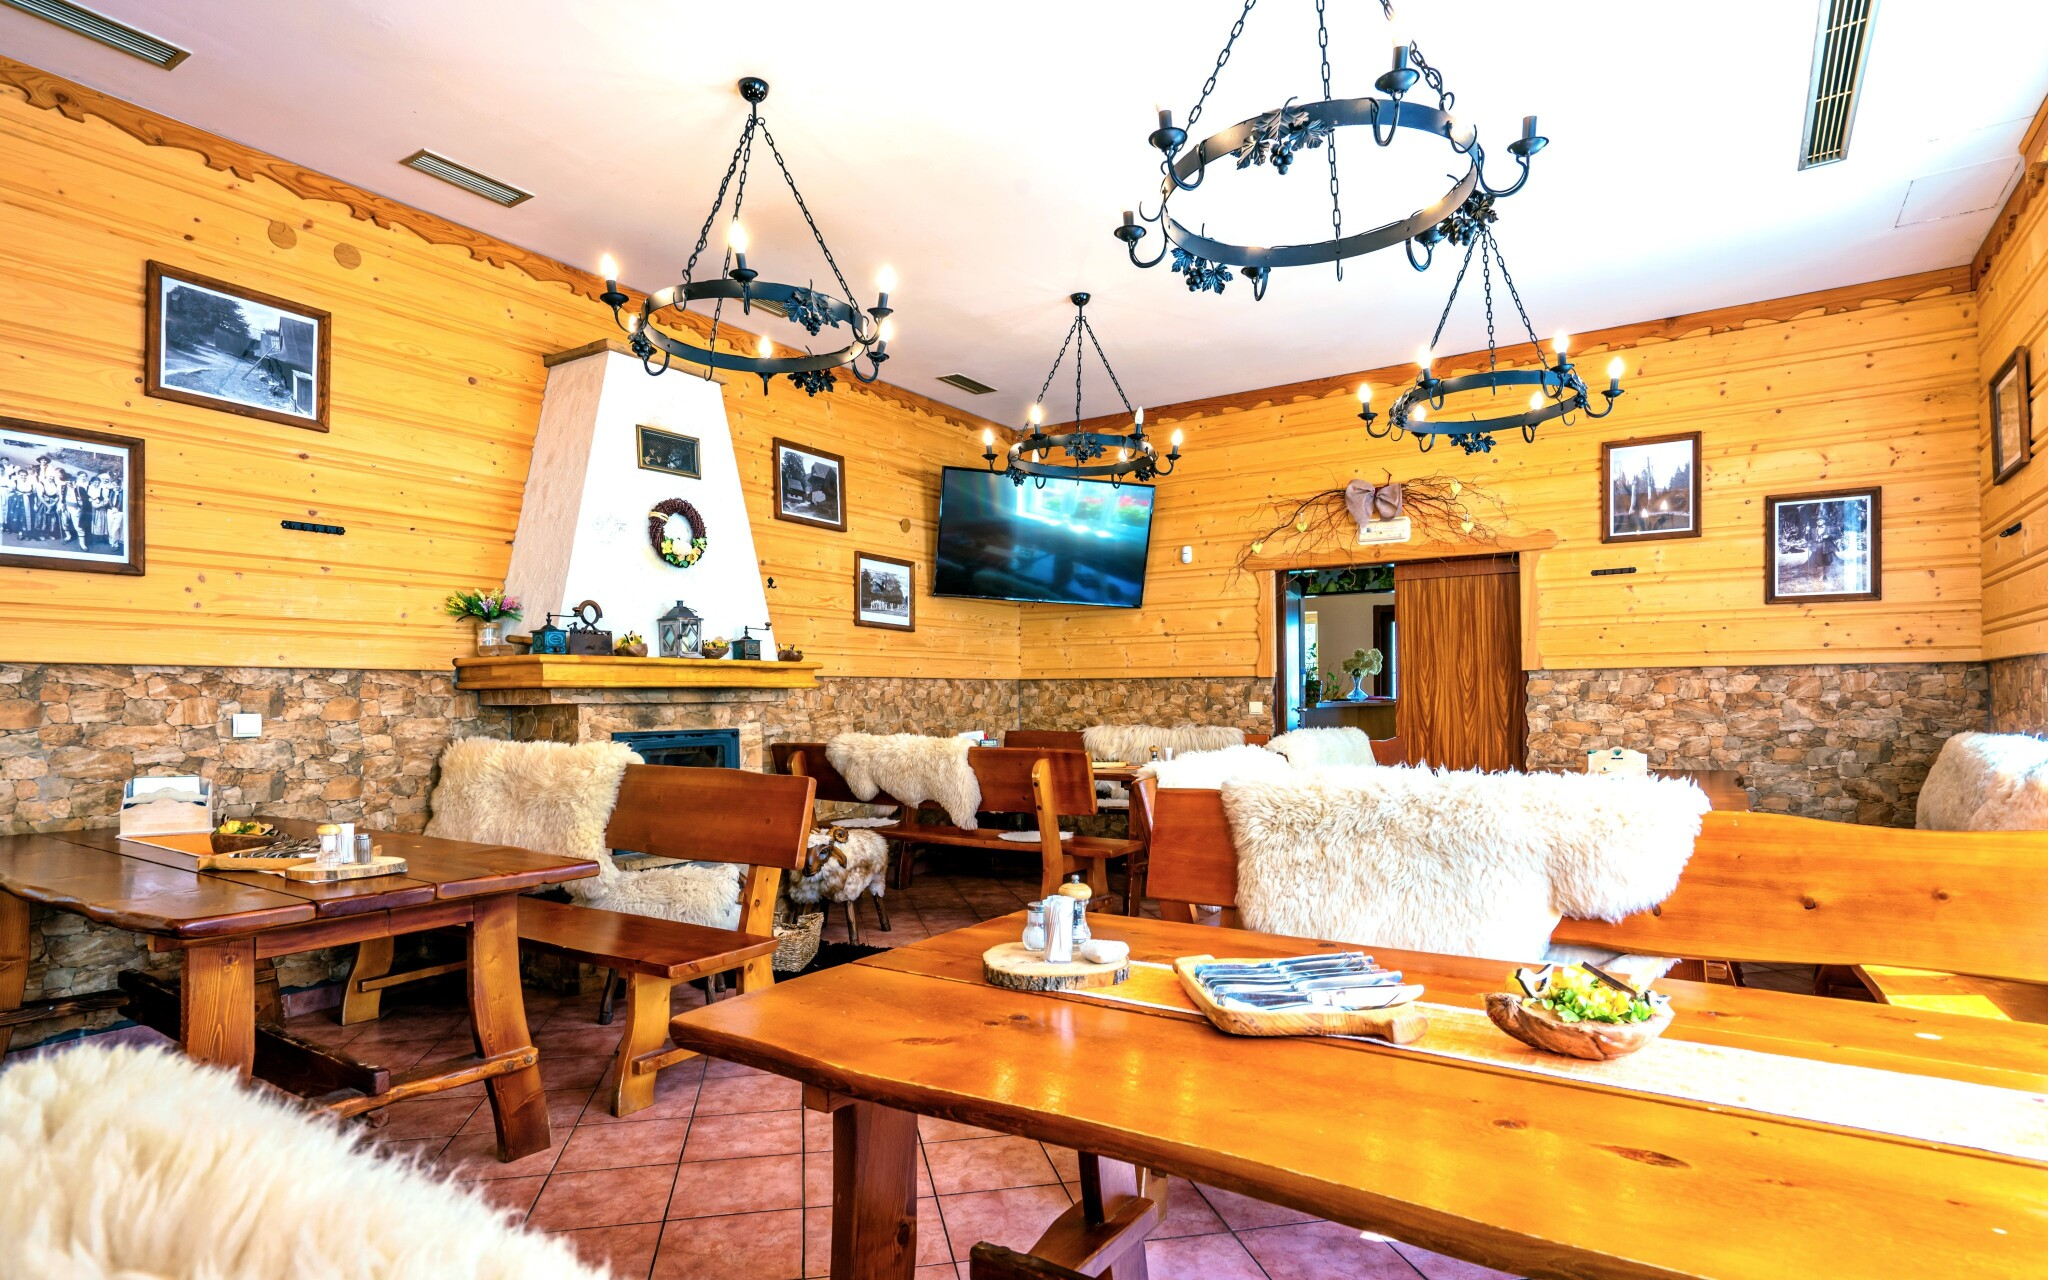 Stylová restaurace připomíná salaš